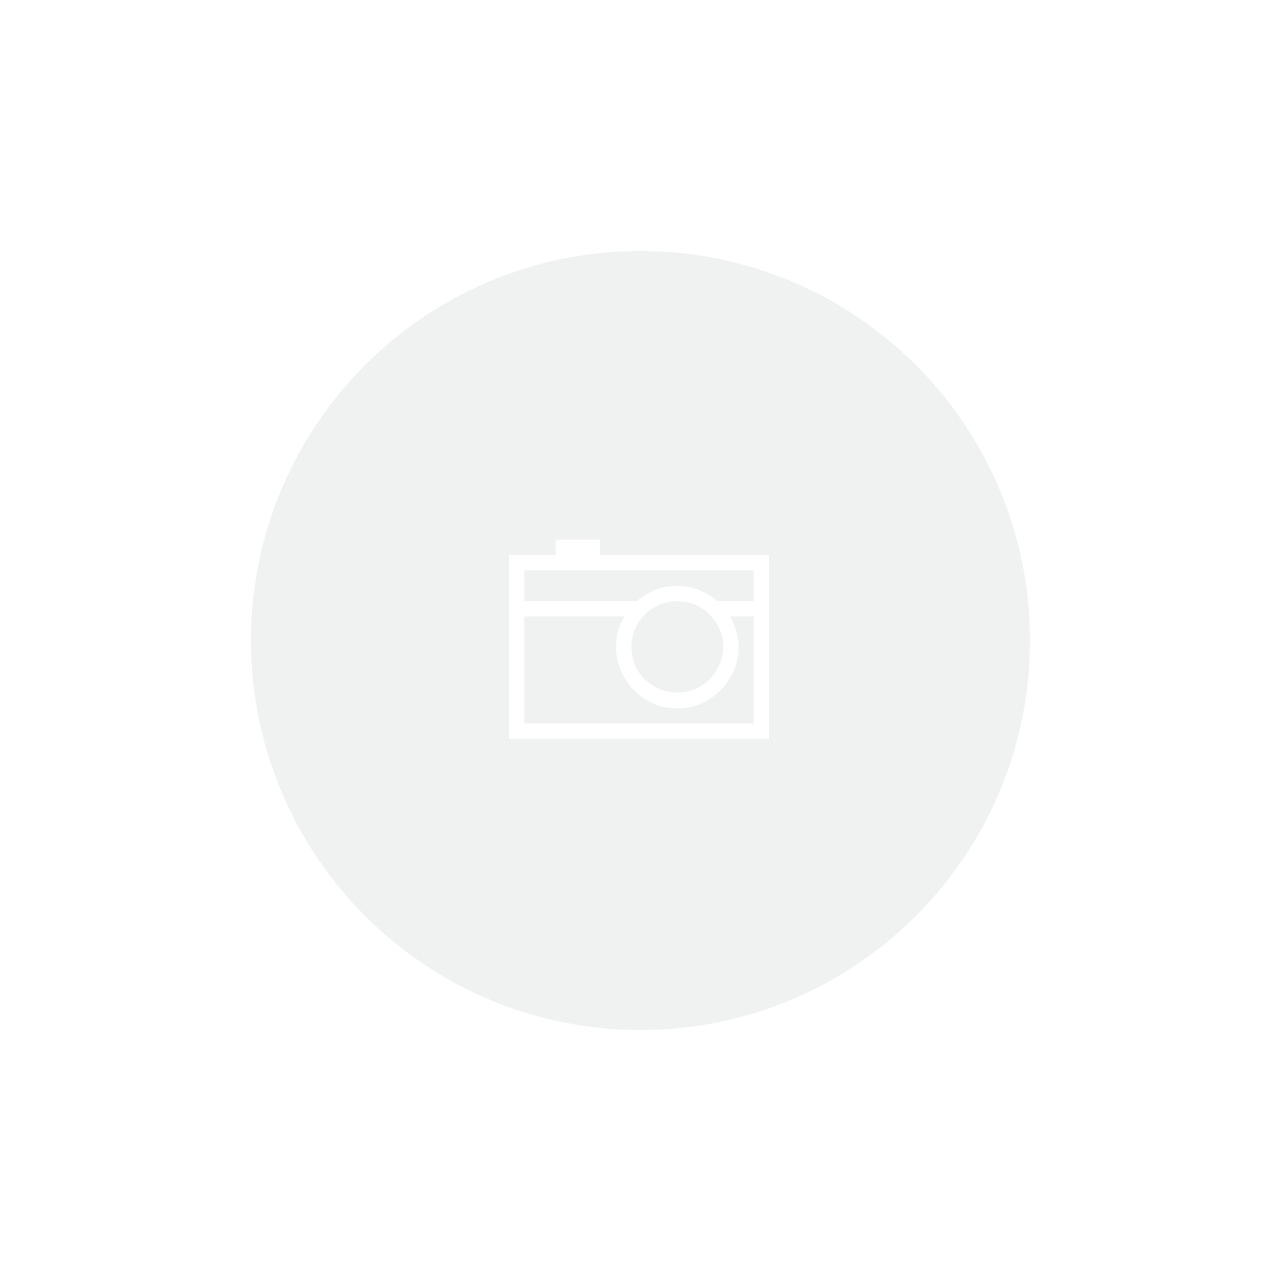 Cooktop Vitroceramico Domino Touch Square Touch 2ev 30 Tramo